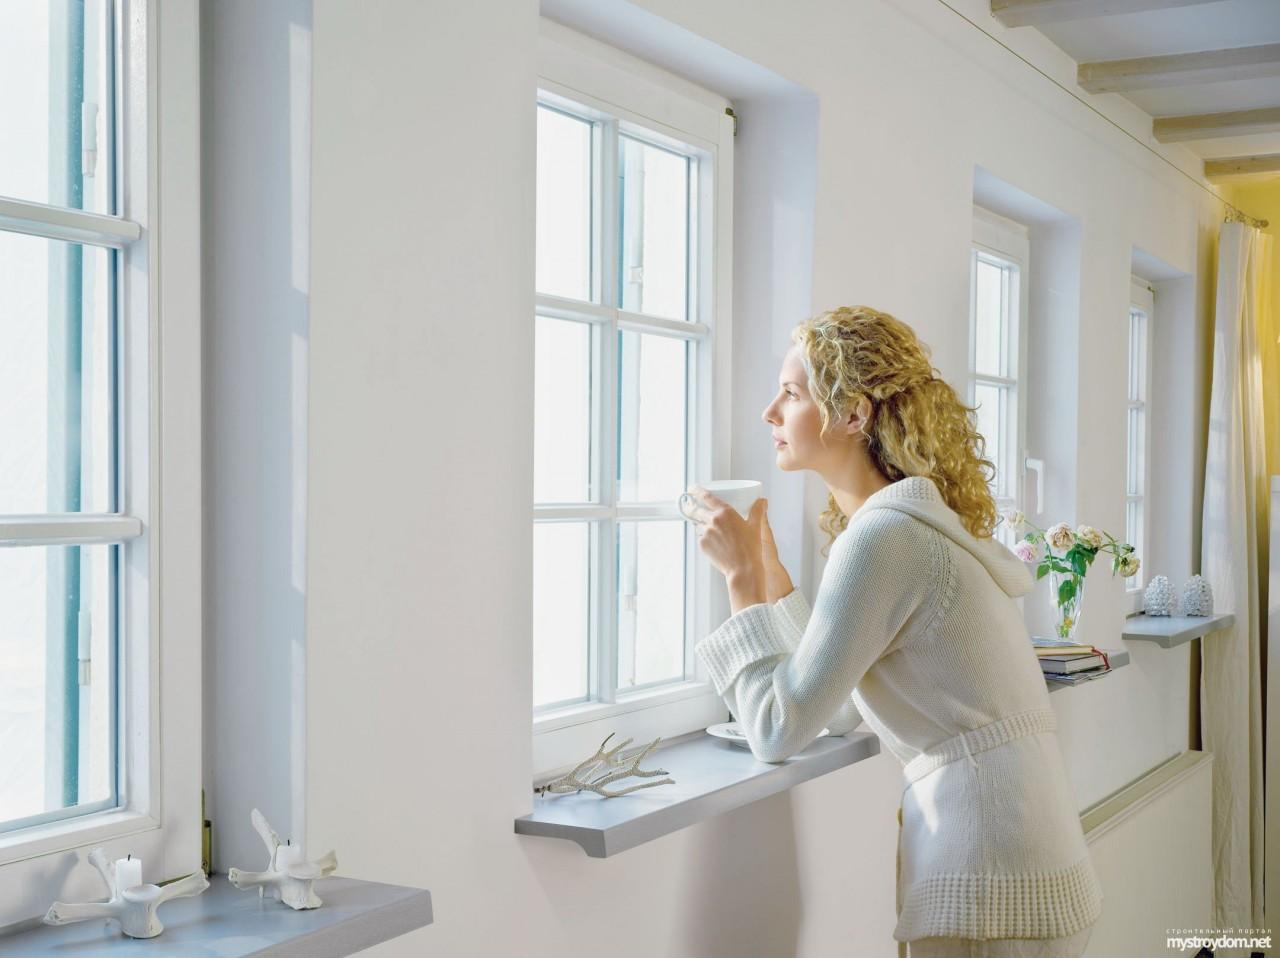 Продувает окна. Как вернуть тепло в дом